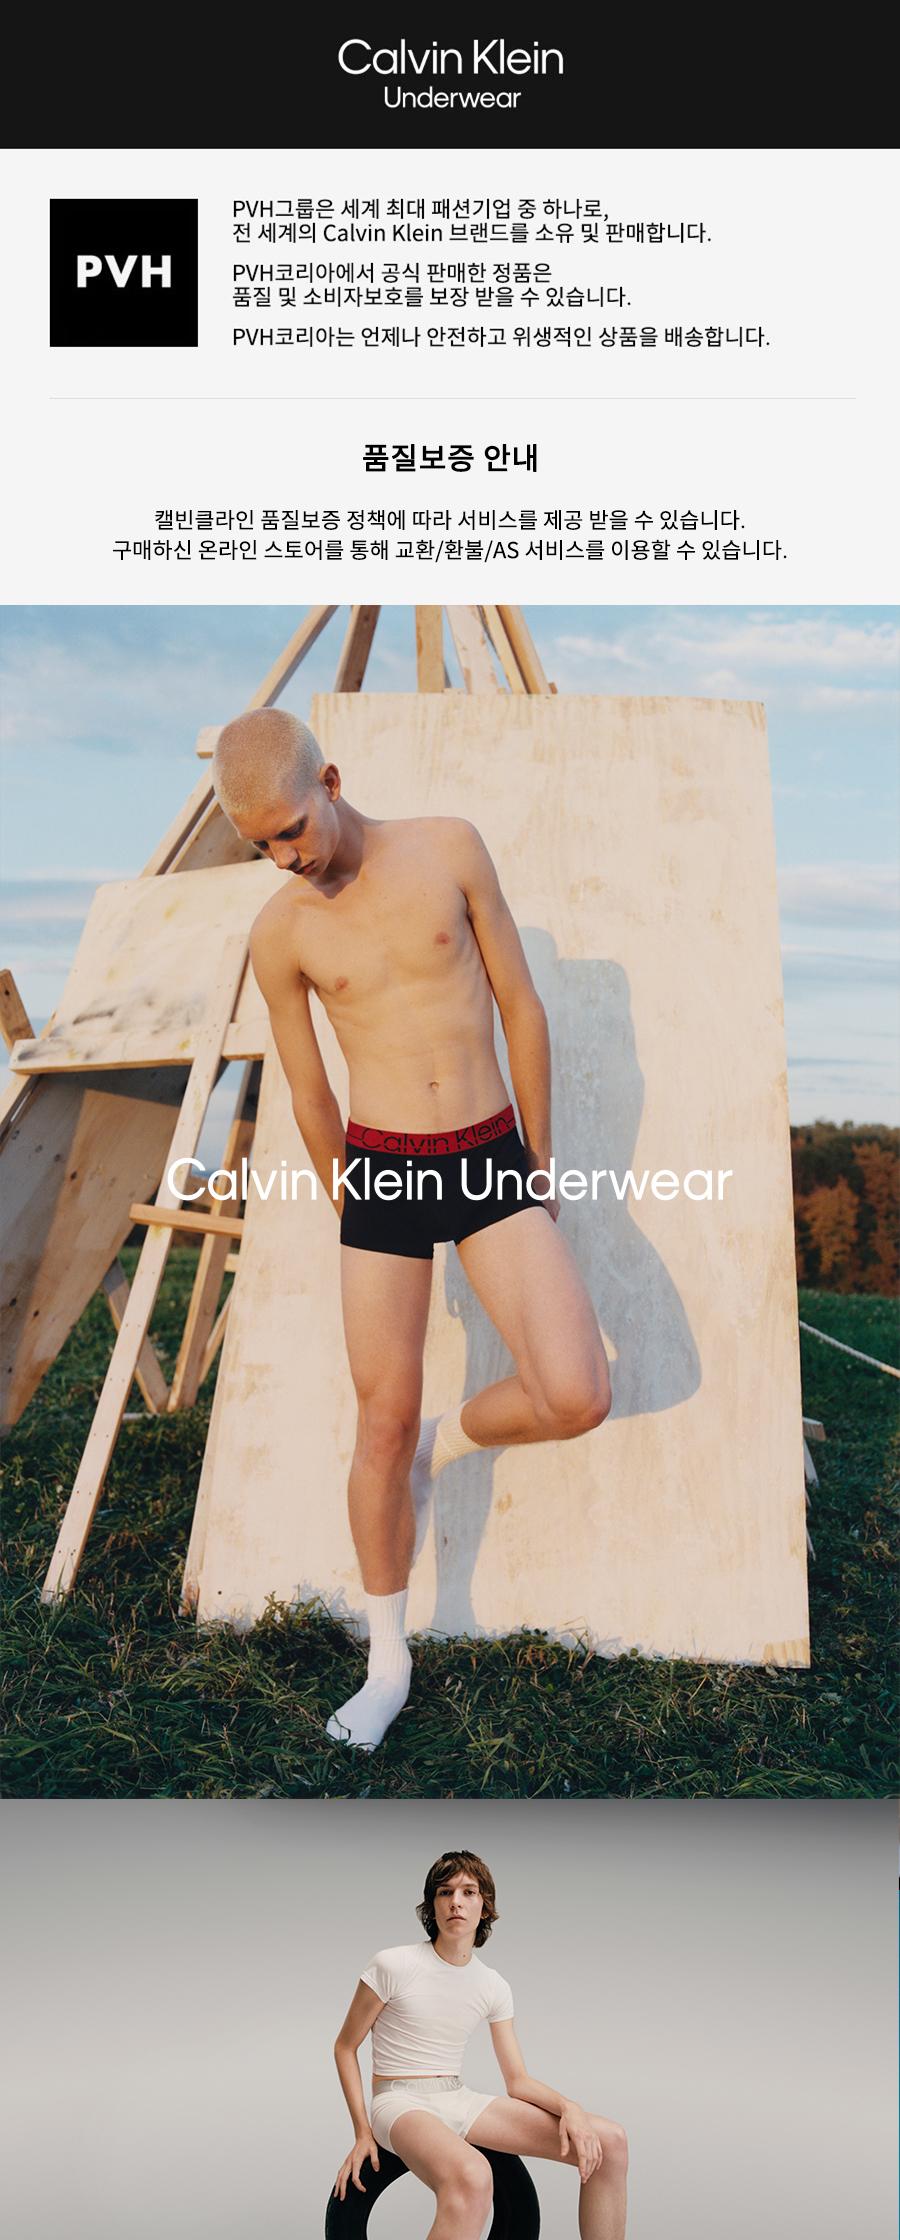 캘빈클라인 언더웨어(CALVIN KLEIN UNDERWEAR) (7SET) 남성 CK ONE 데이즈 오브 더 위크_NB2318_BAK